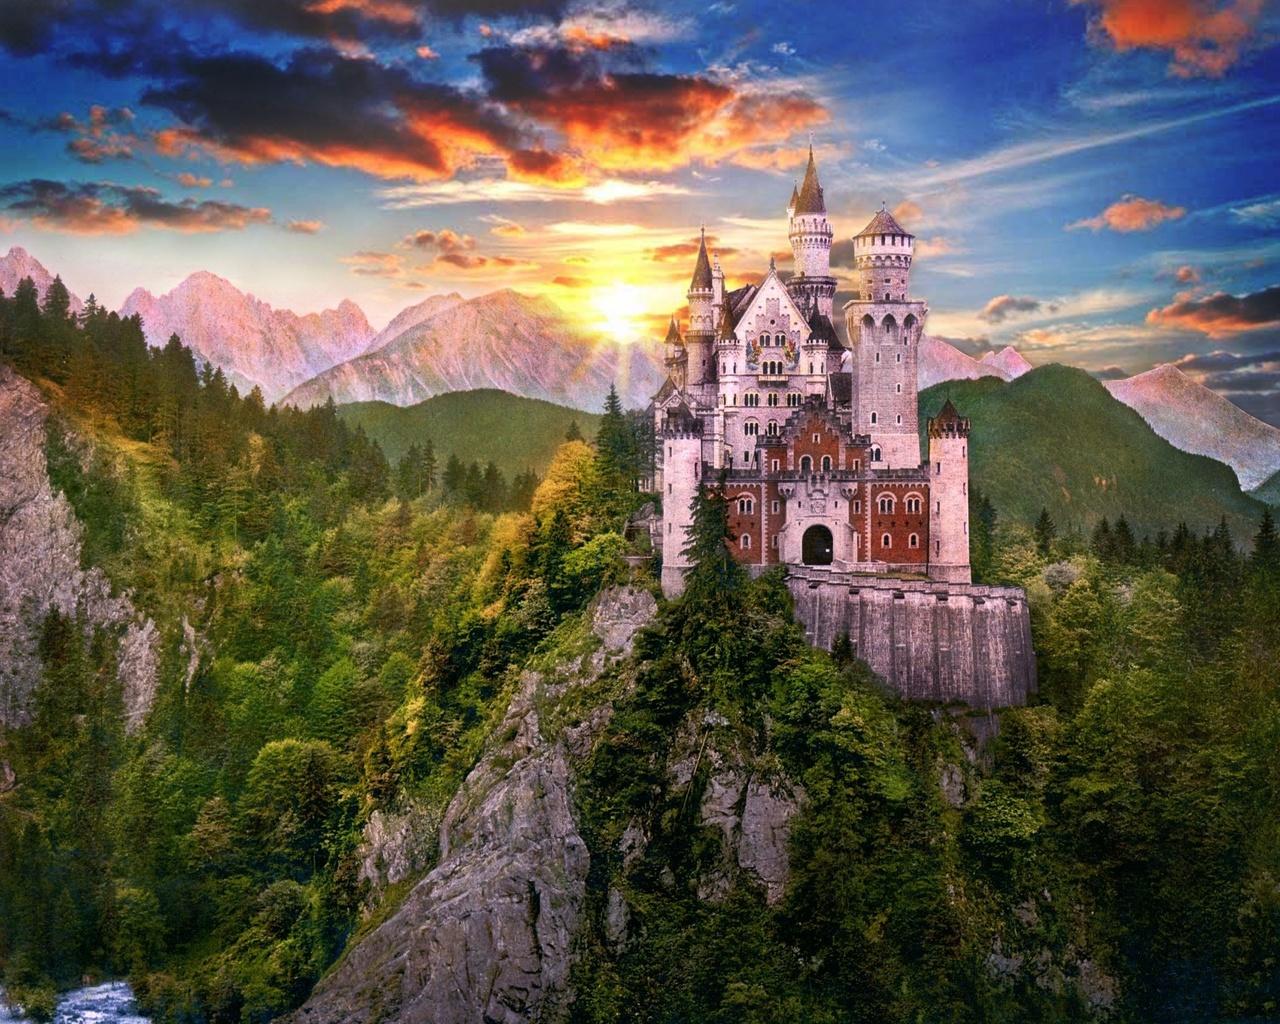 фото на аву замок в горах связи